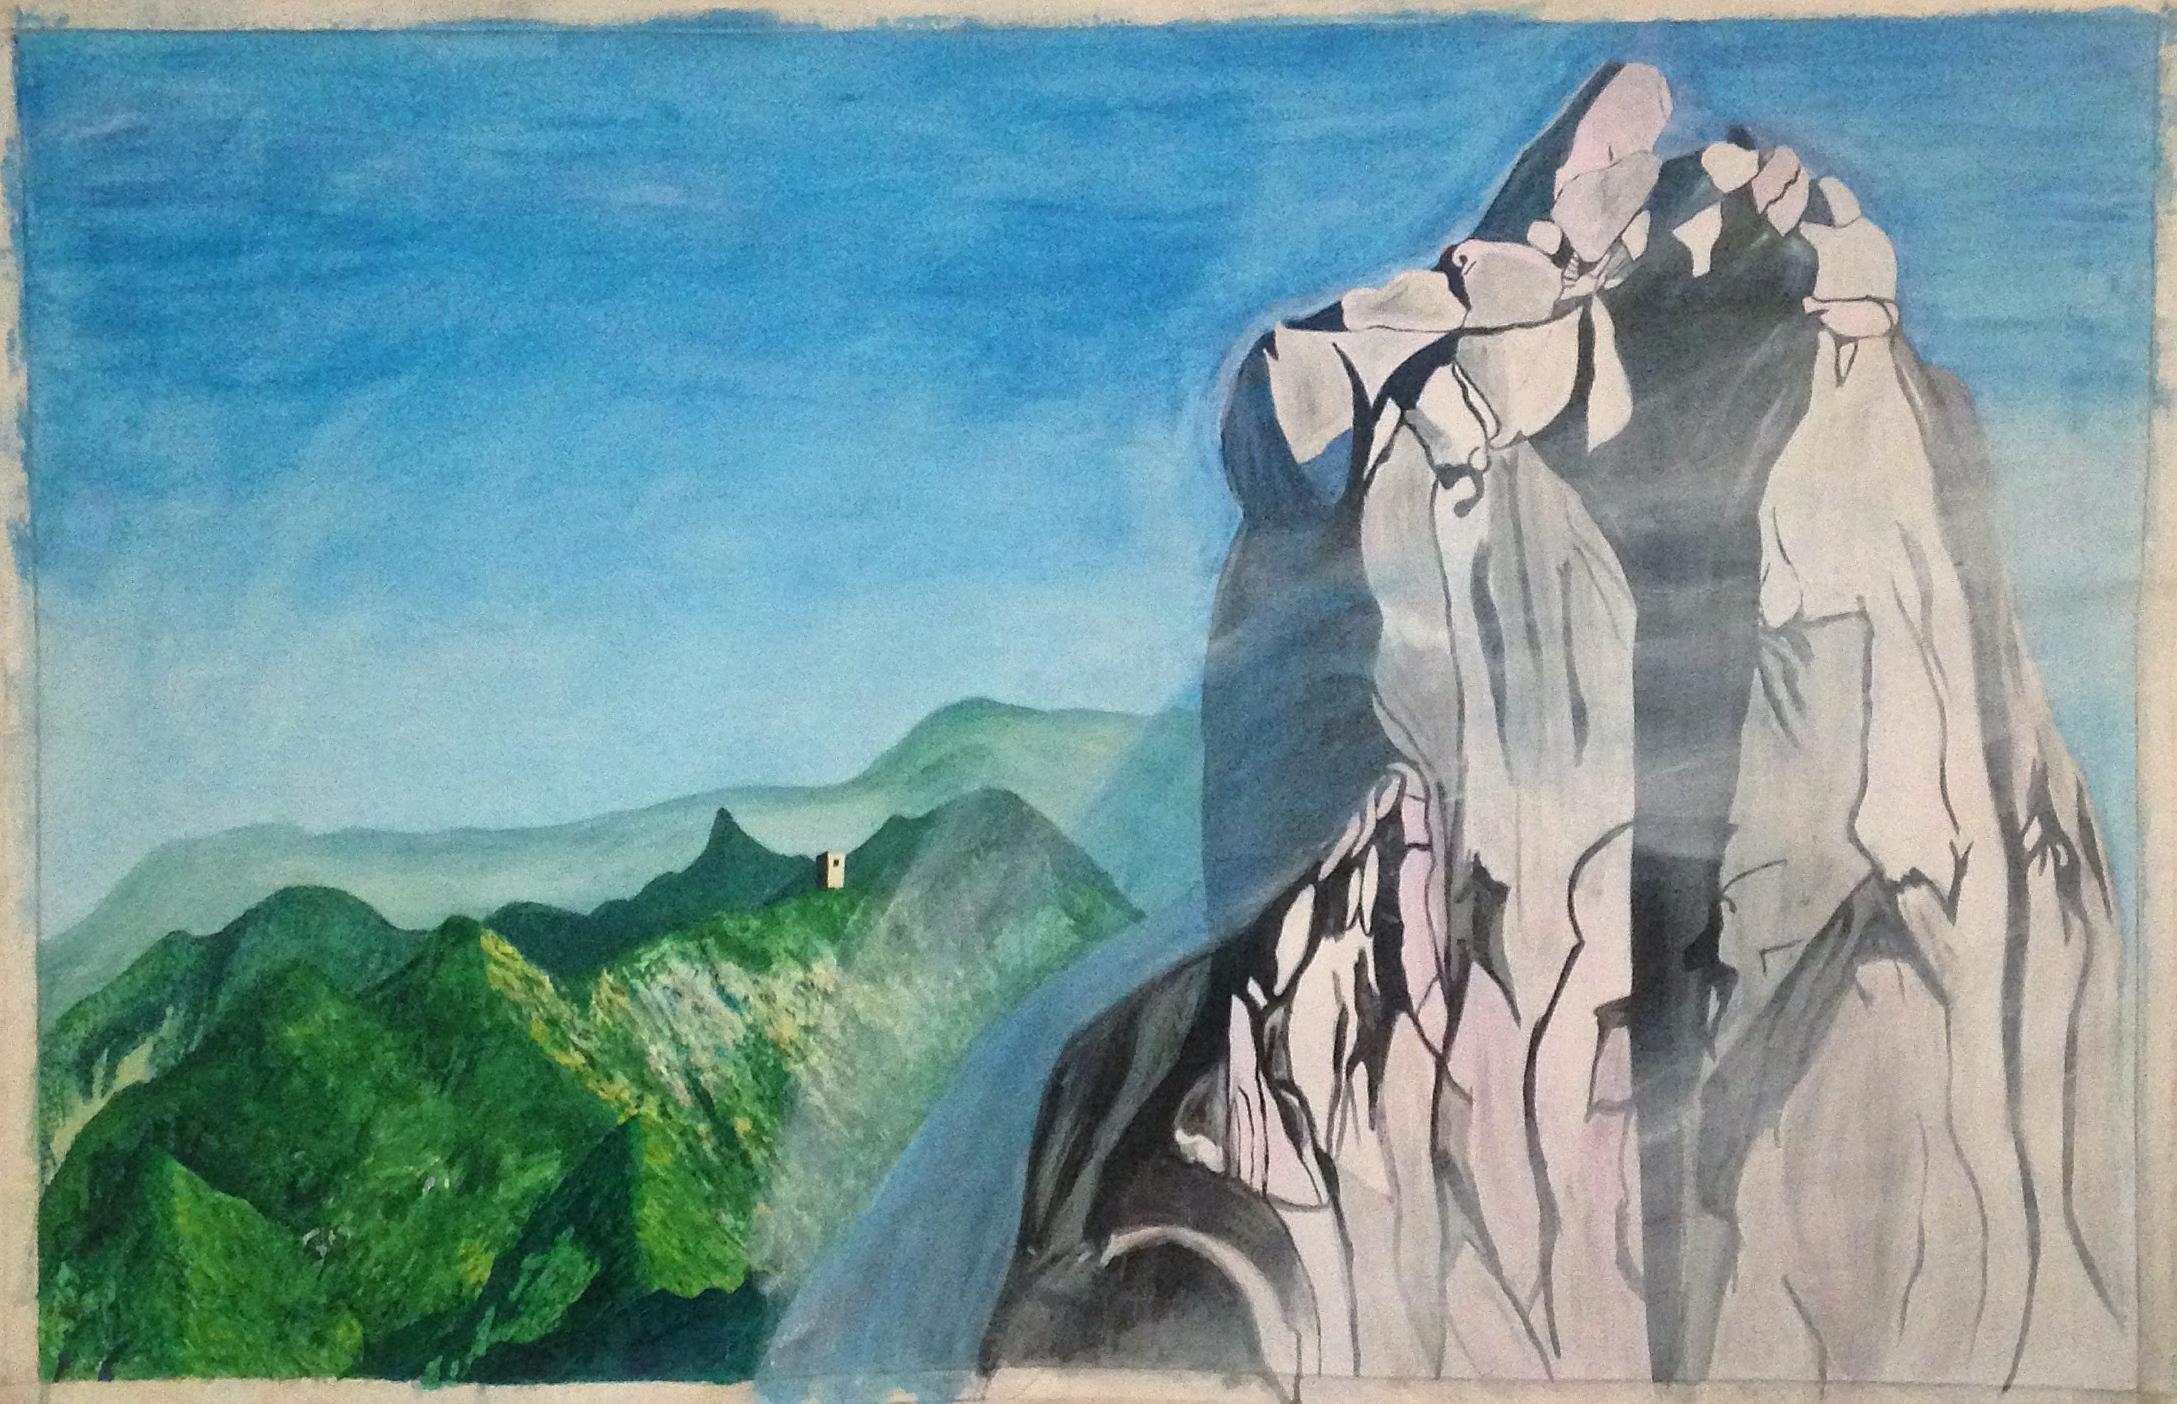 01Shepherd_Huang_Shan_Mountain2.JPG